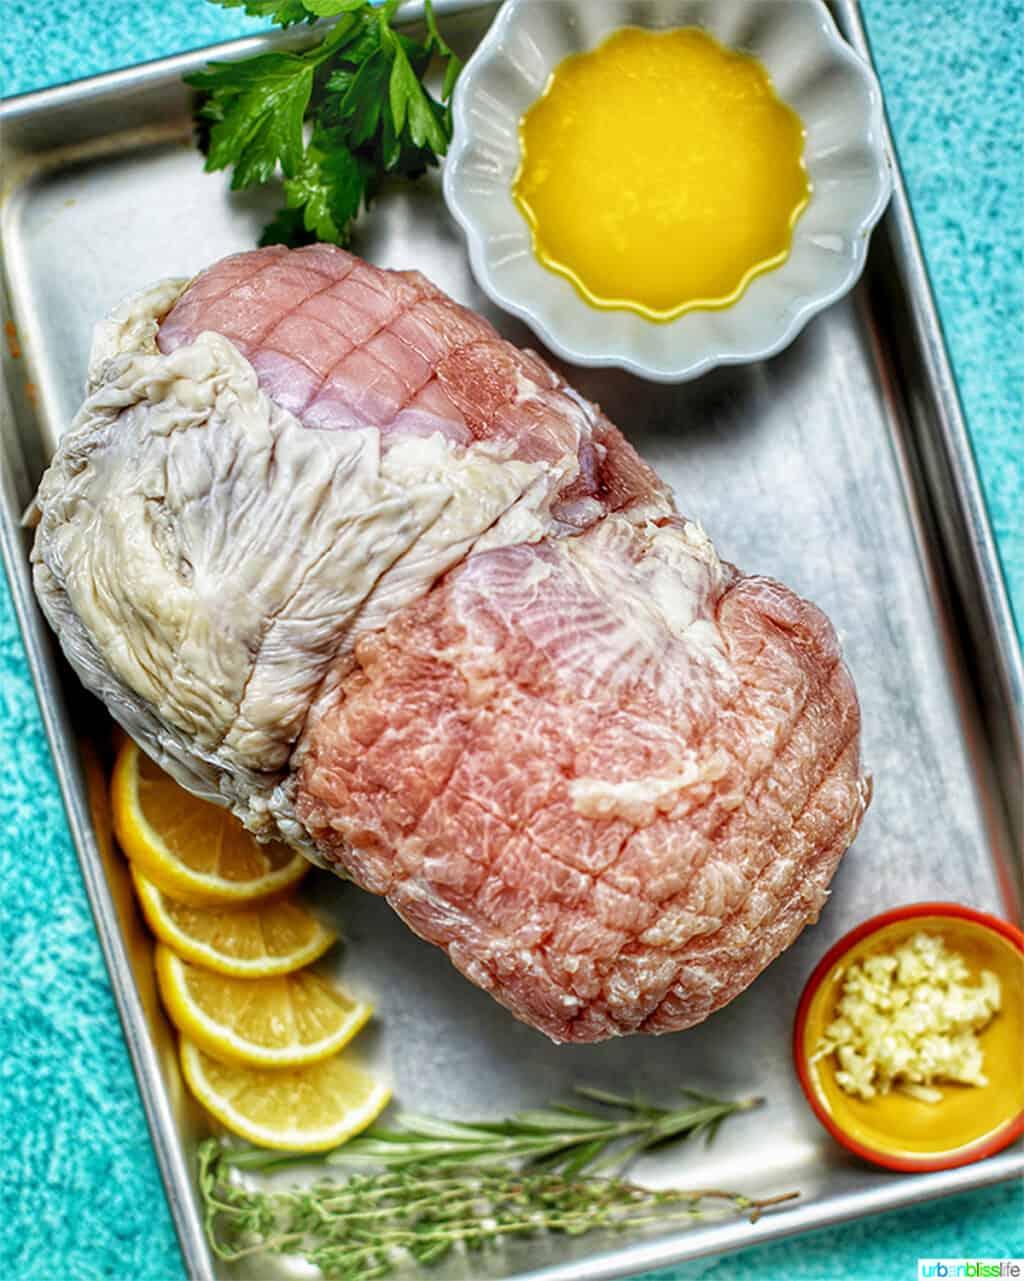 turkey breast ingredients on baking sheet against blue backdrop